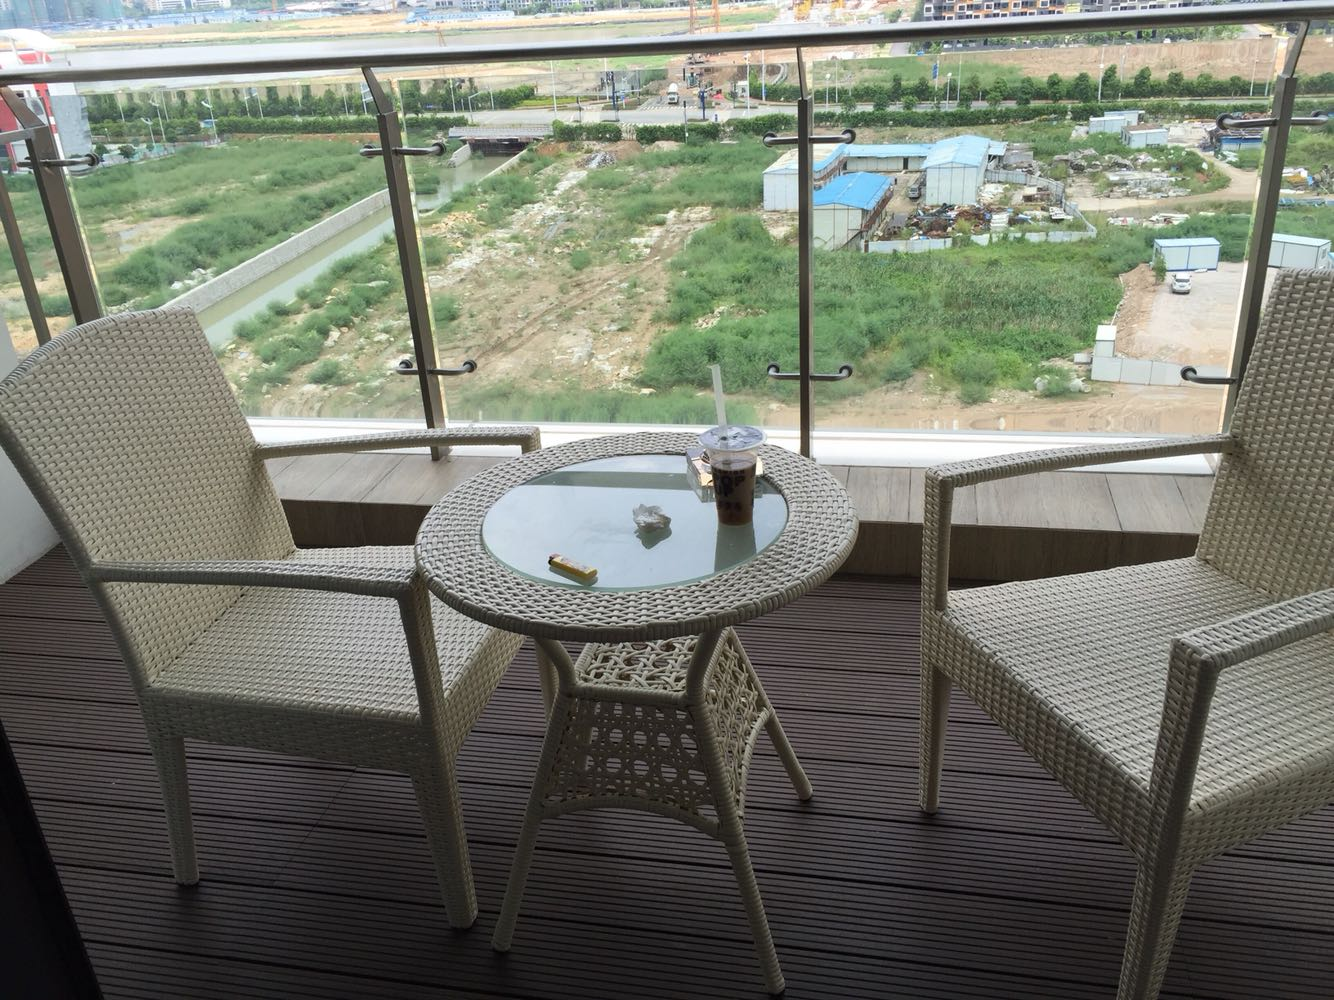 珠海大横琴高级人才公寓酒店预订_珠海大横琴